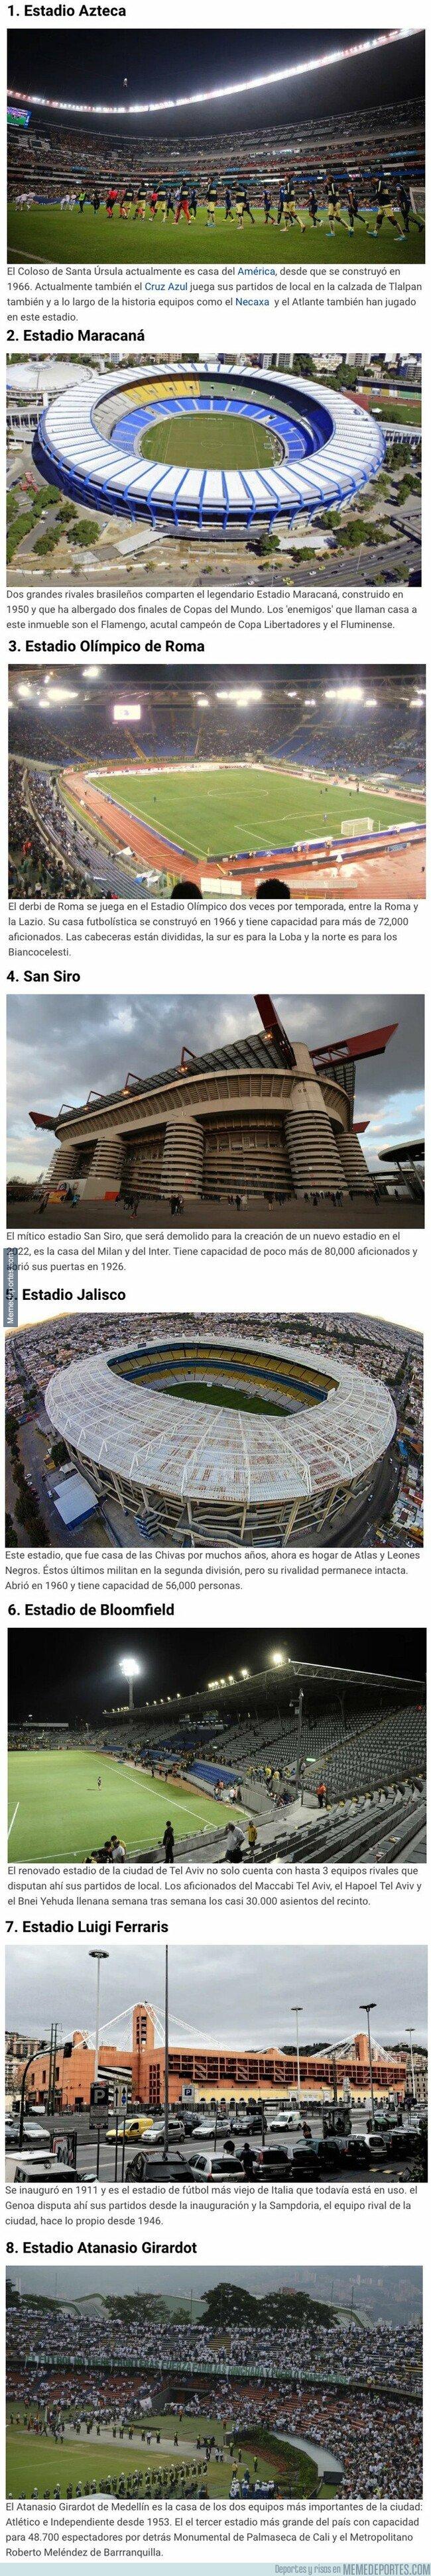 1094023 - 8 estadios de fútbol que son compartidos por equipos rivales